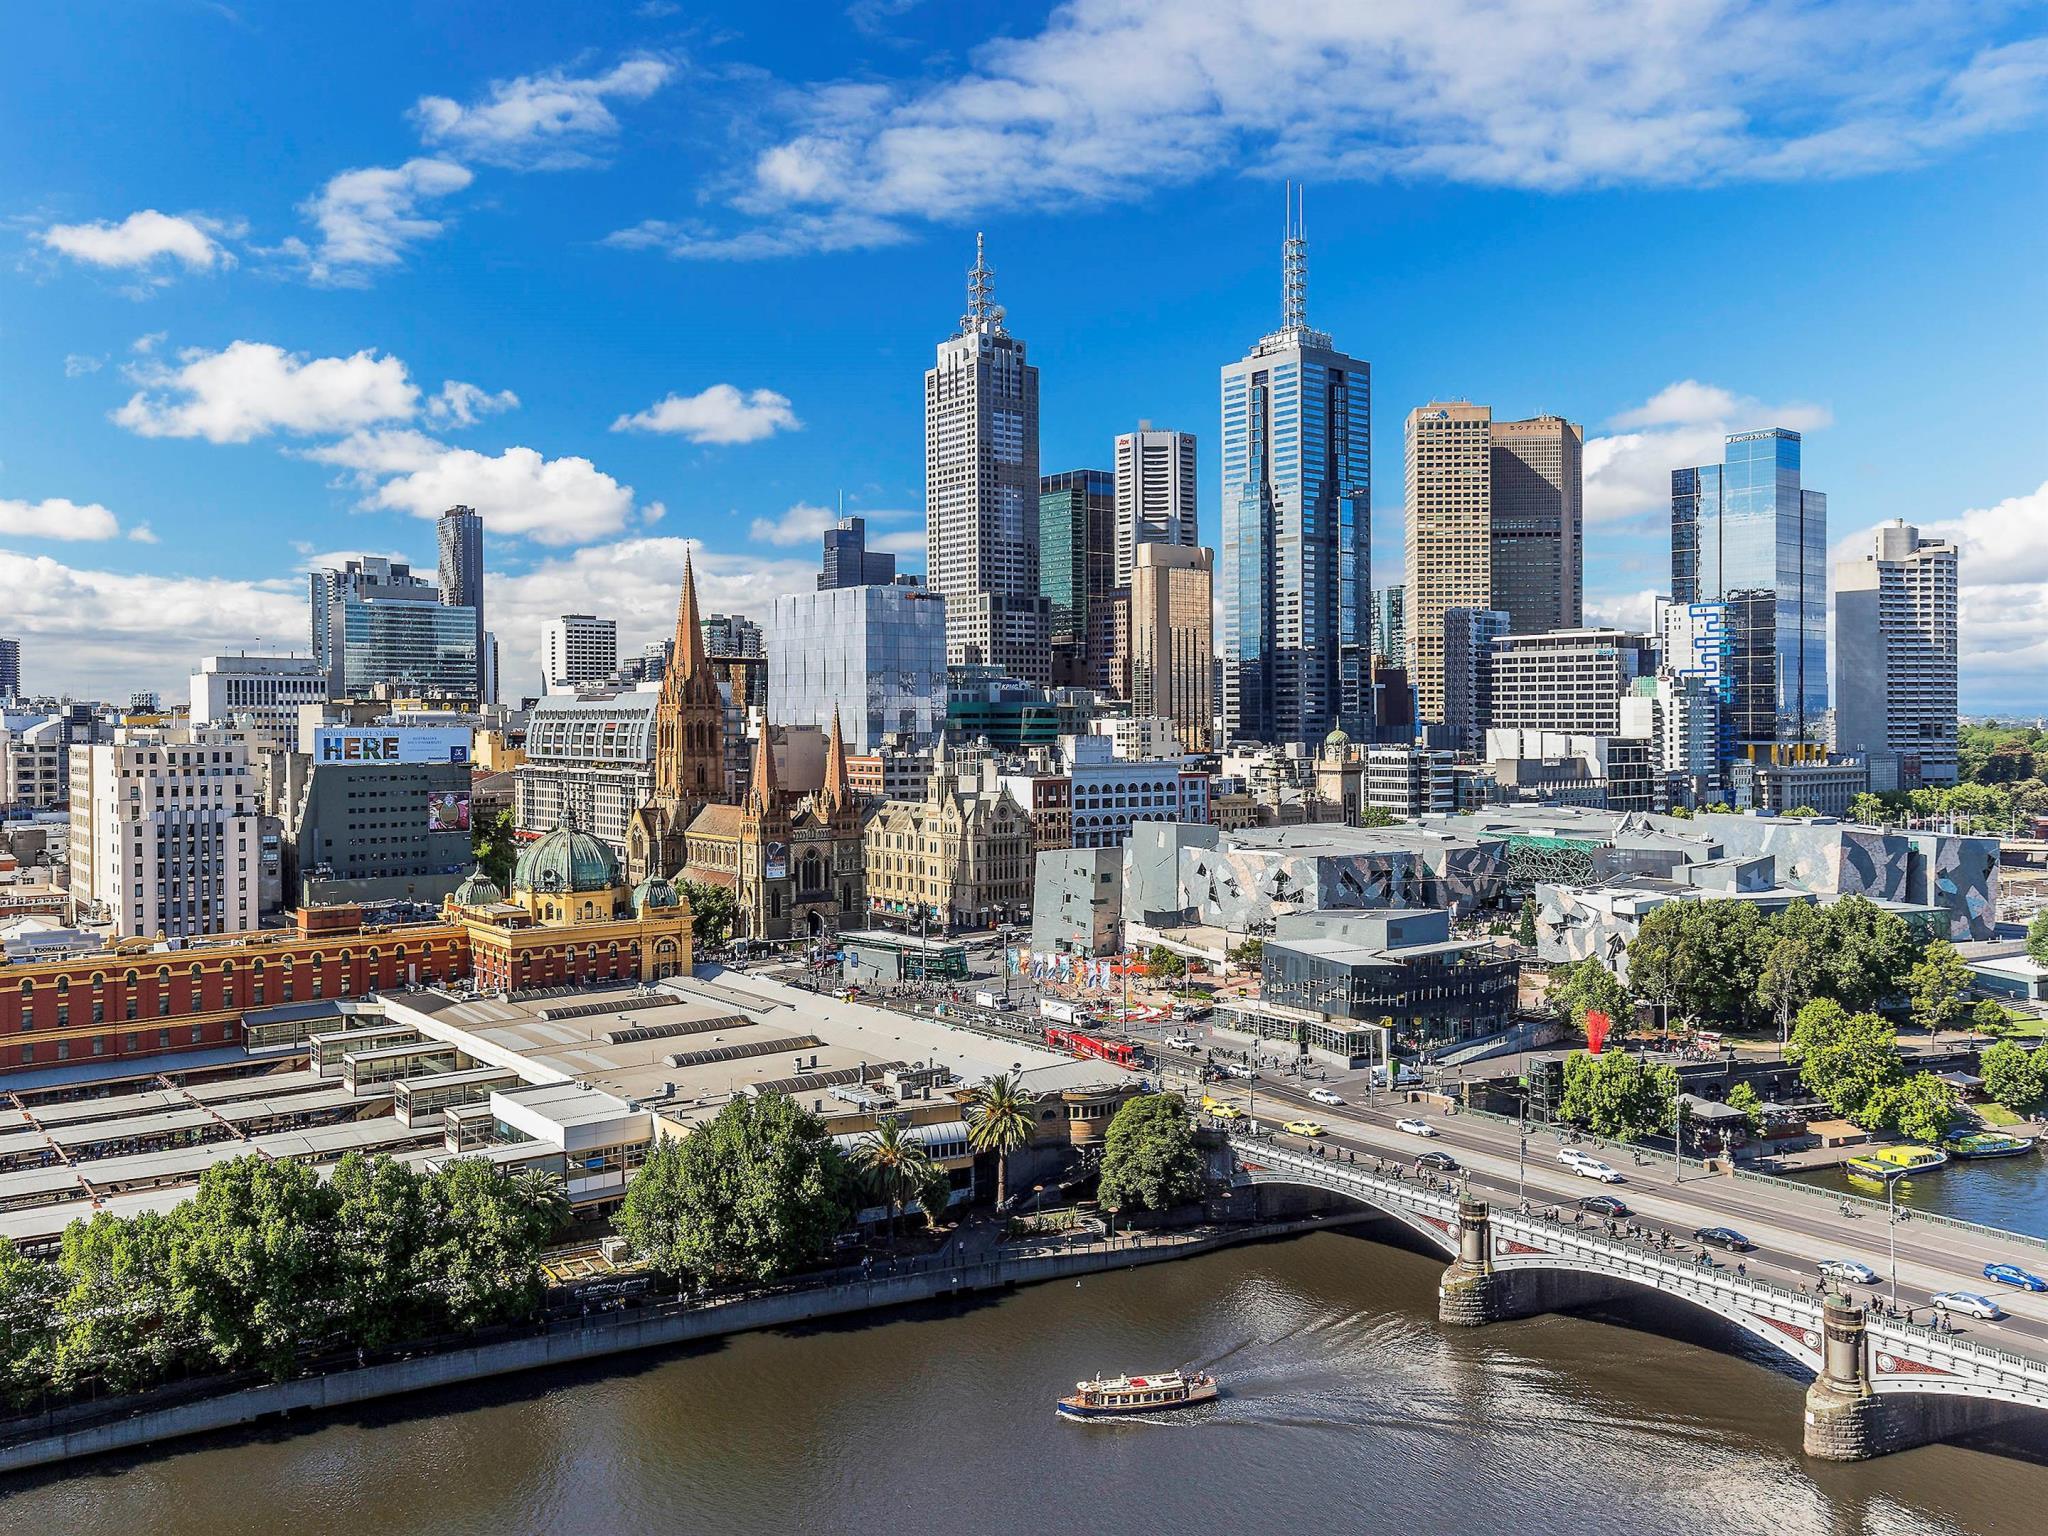 австралия мельбурн фото вообще надо менять